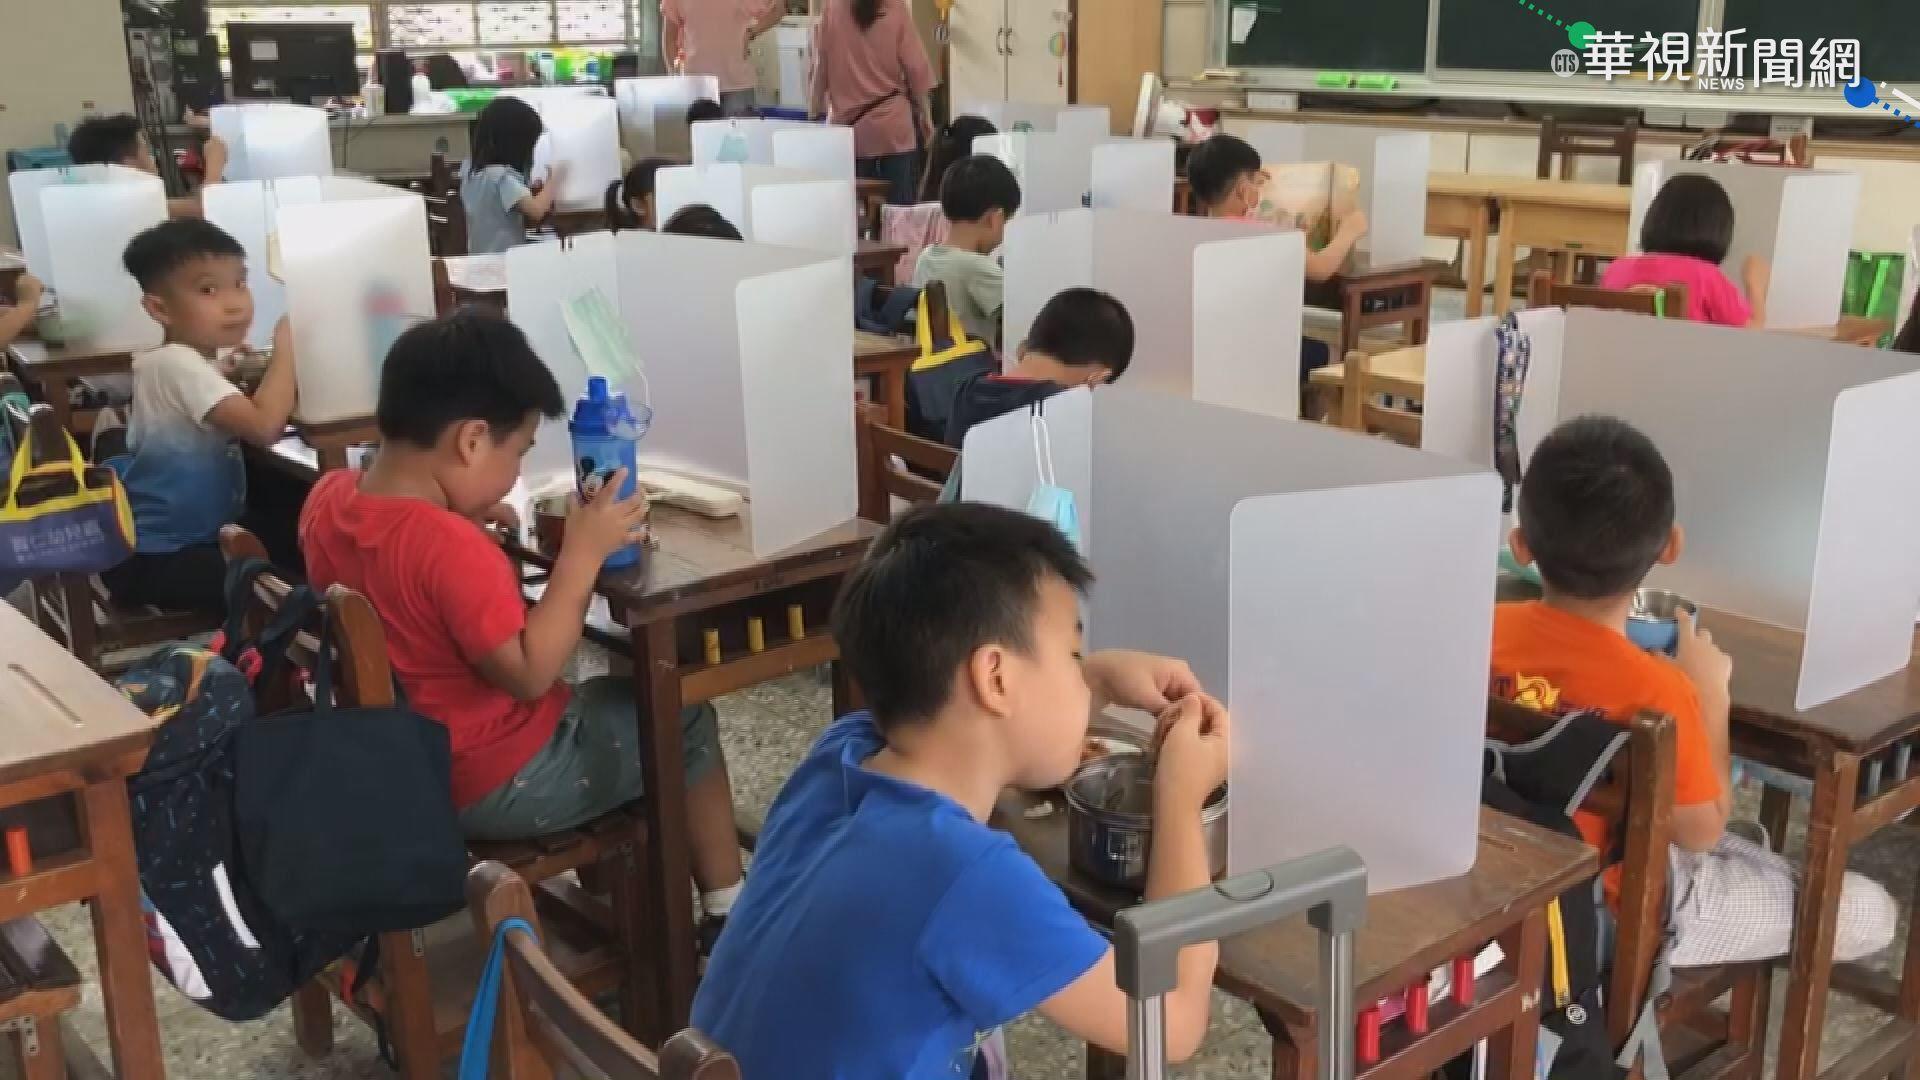 不用搶壓克力隔板! 台南學校不限材質